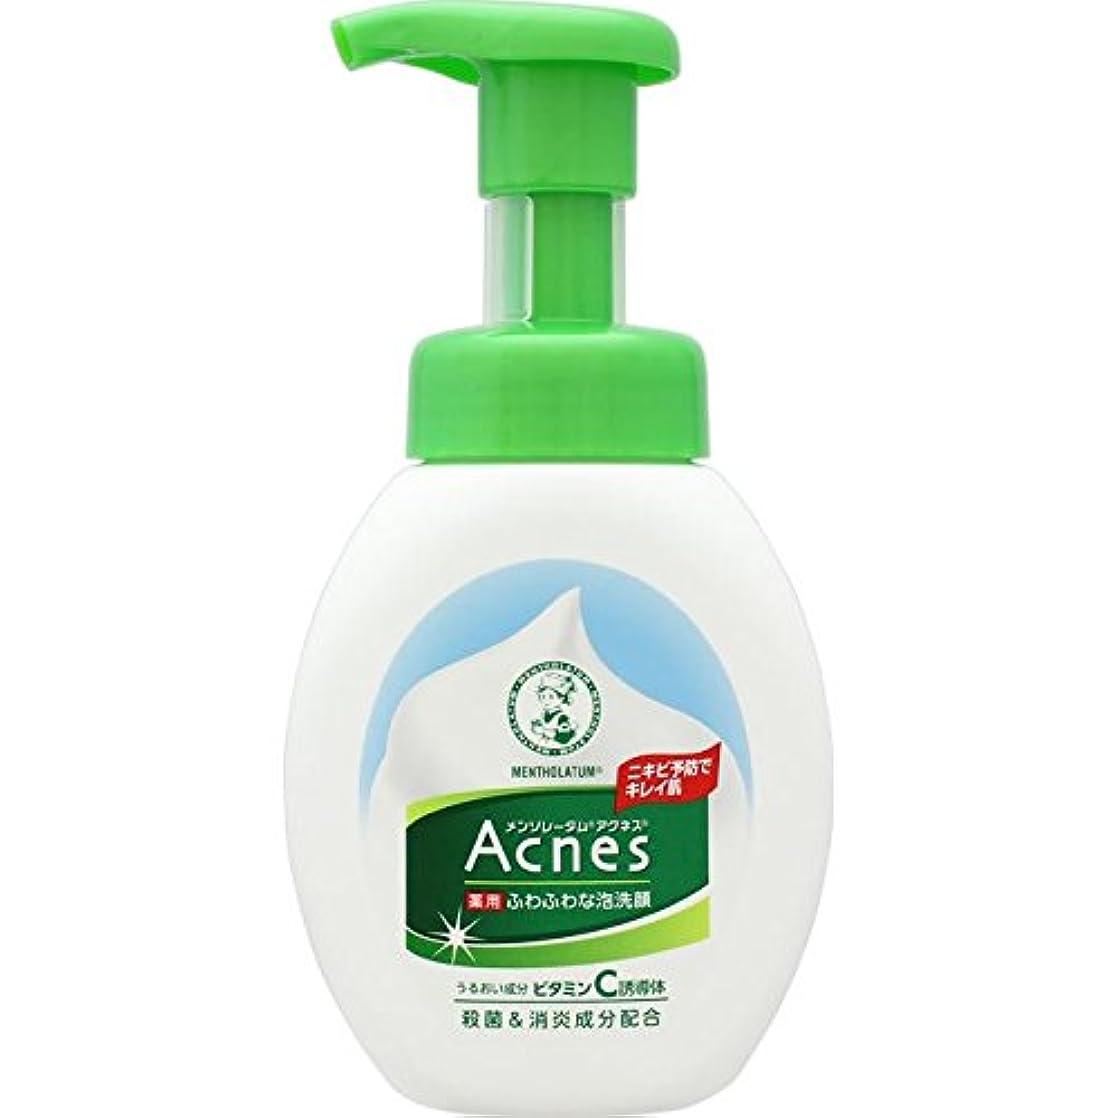 【医薬部外品】メンソレータム アクネス ニキビ予防薬用ふわふわ泡洗顔 160mL